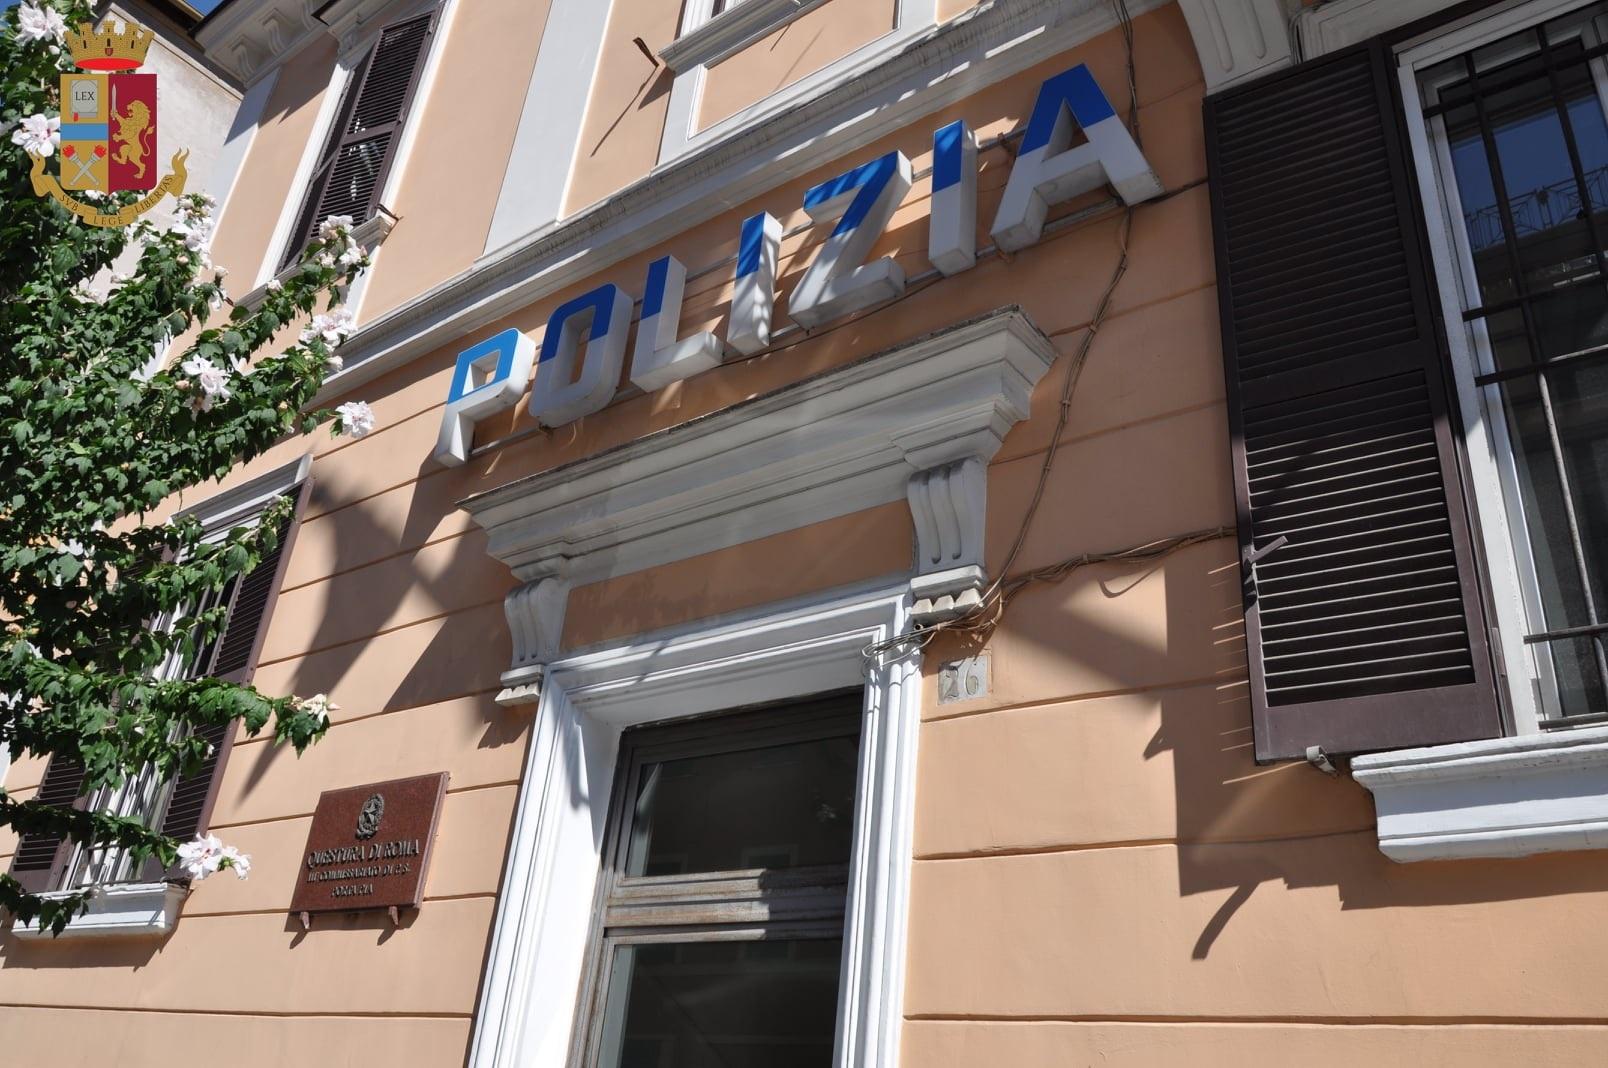 """Al commissariato Porta Pia donato """"In nome del figlio"""" il libro in memoria dell'agente Antiochia ucciso dalla mafia"""